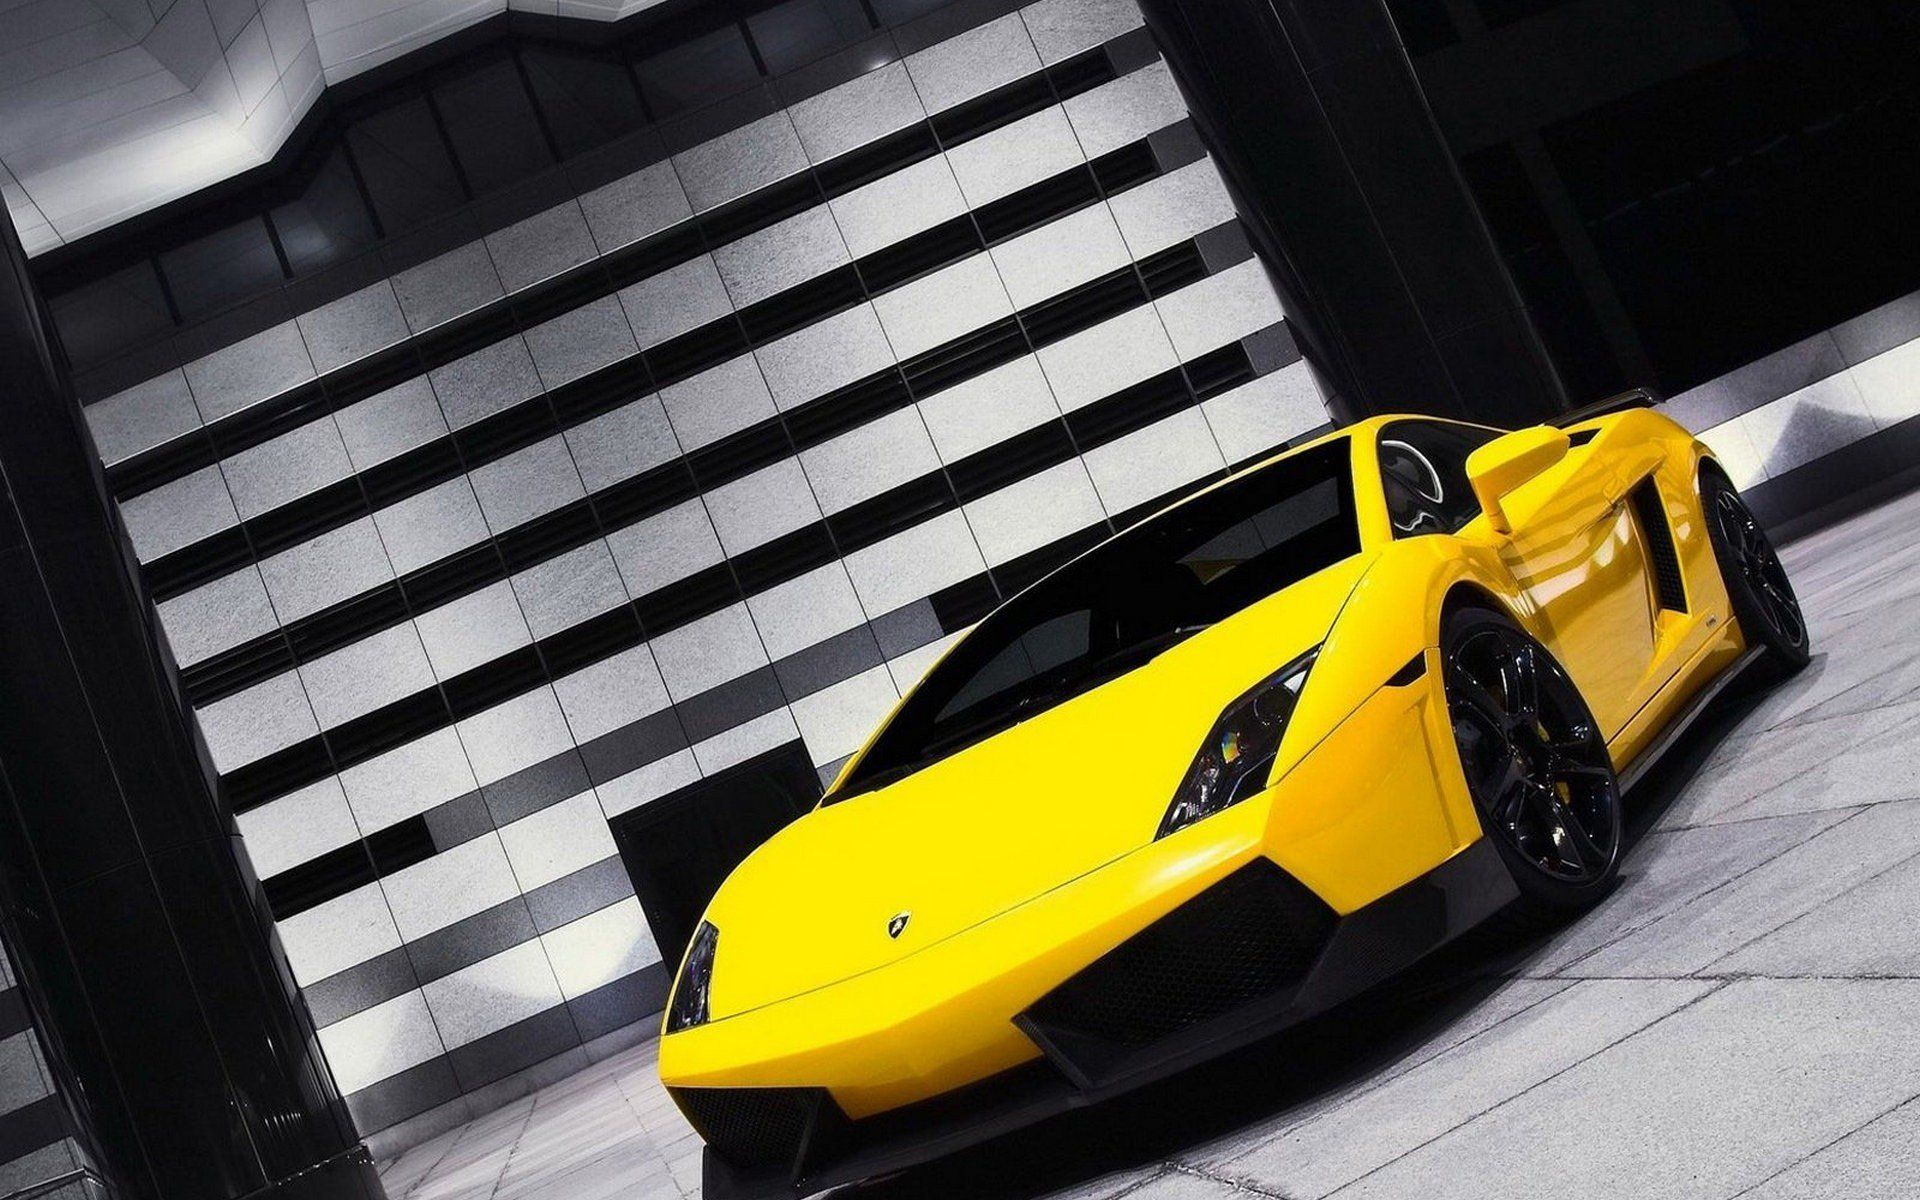 ламборгини желтая гараж  № 2401289 загрузить